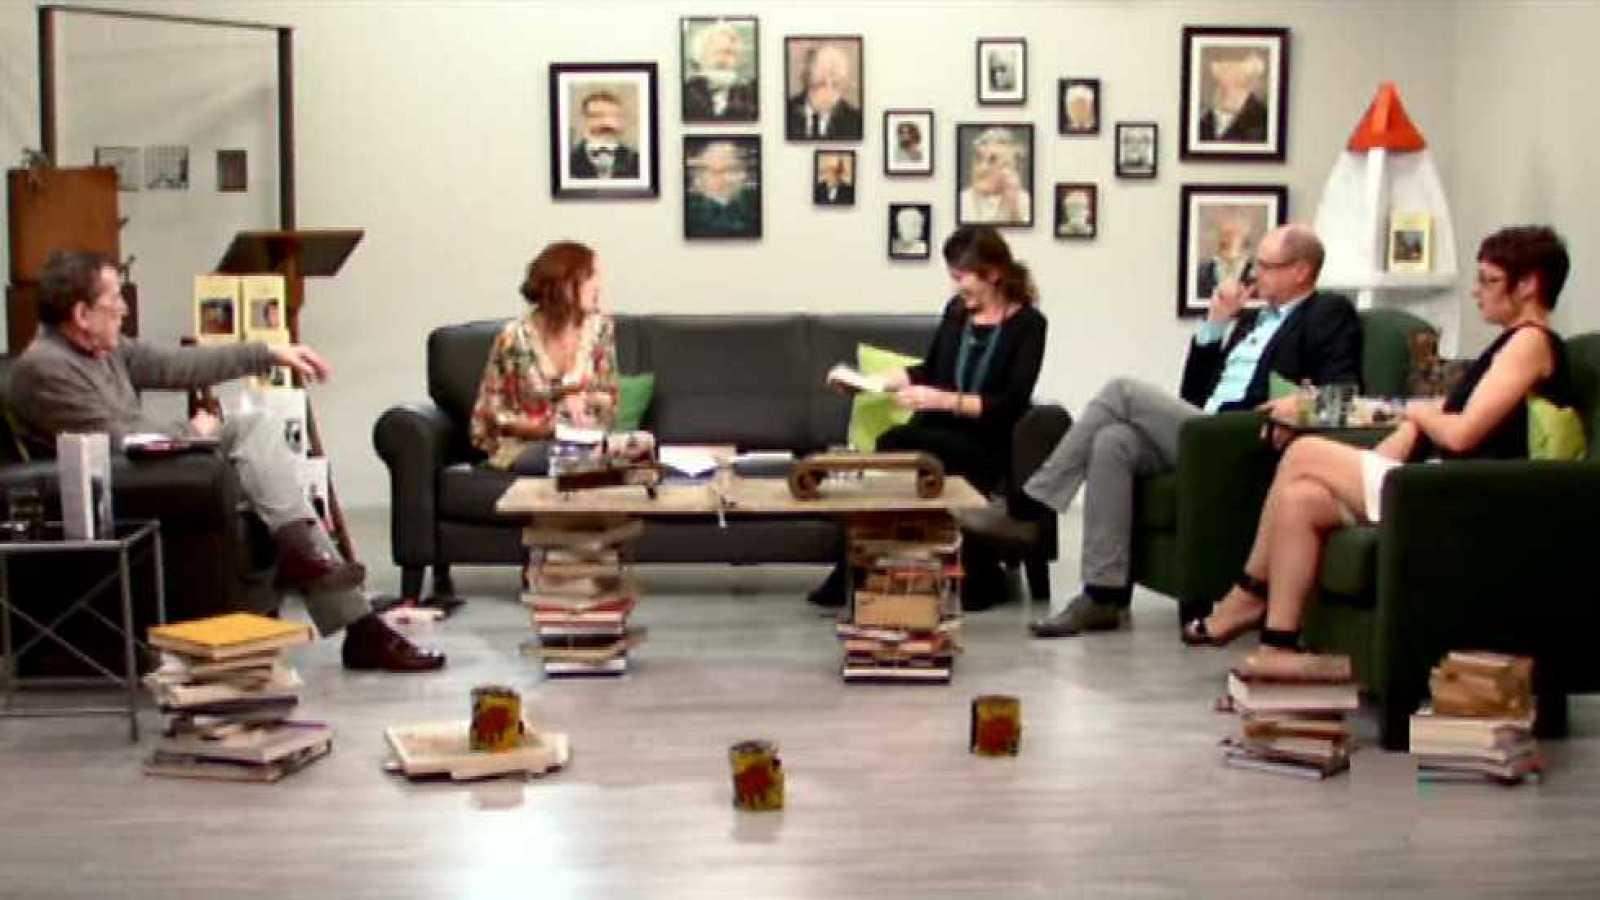 Libros con uasabi - 08/11/15 - RTVE.es